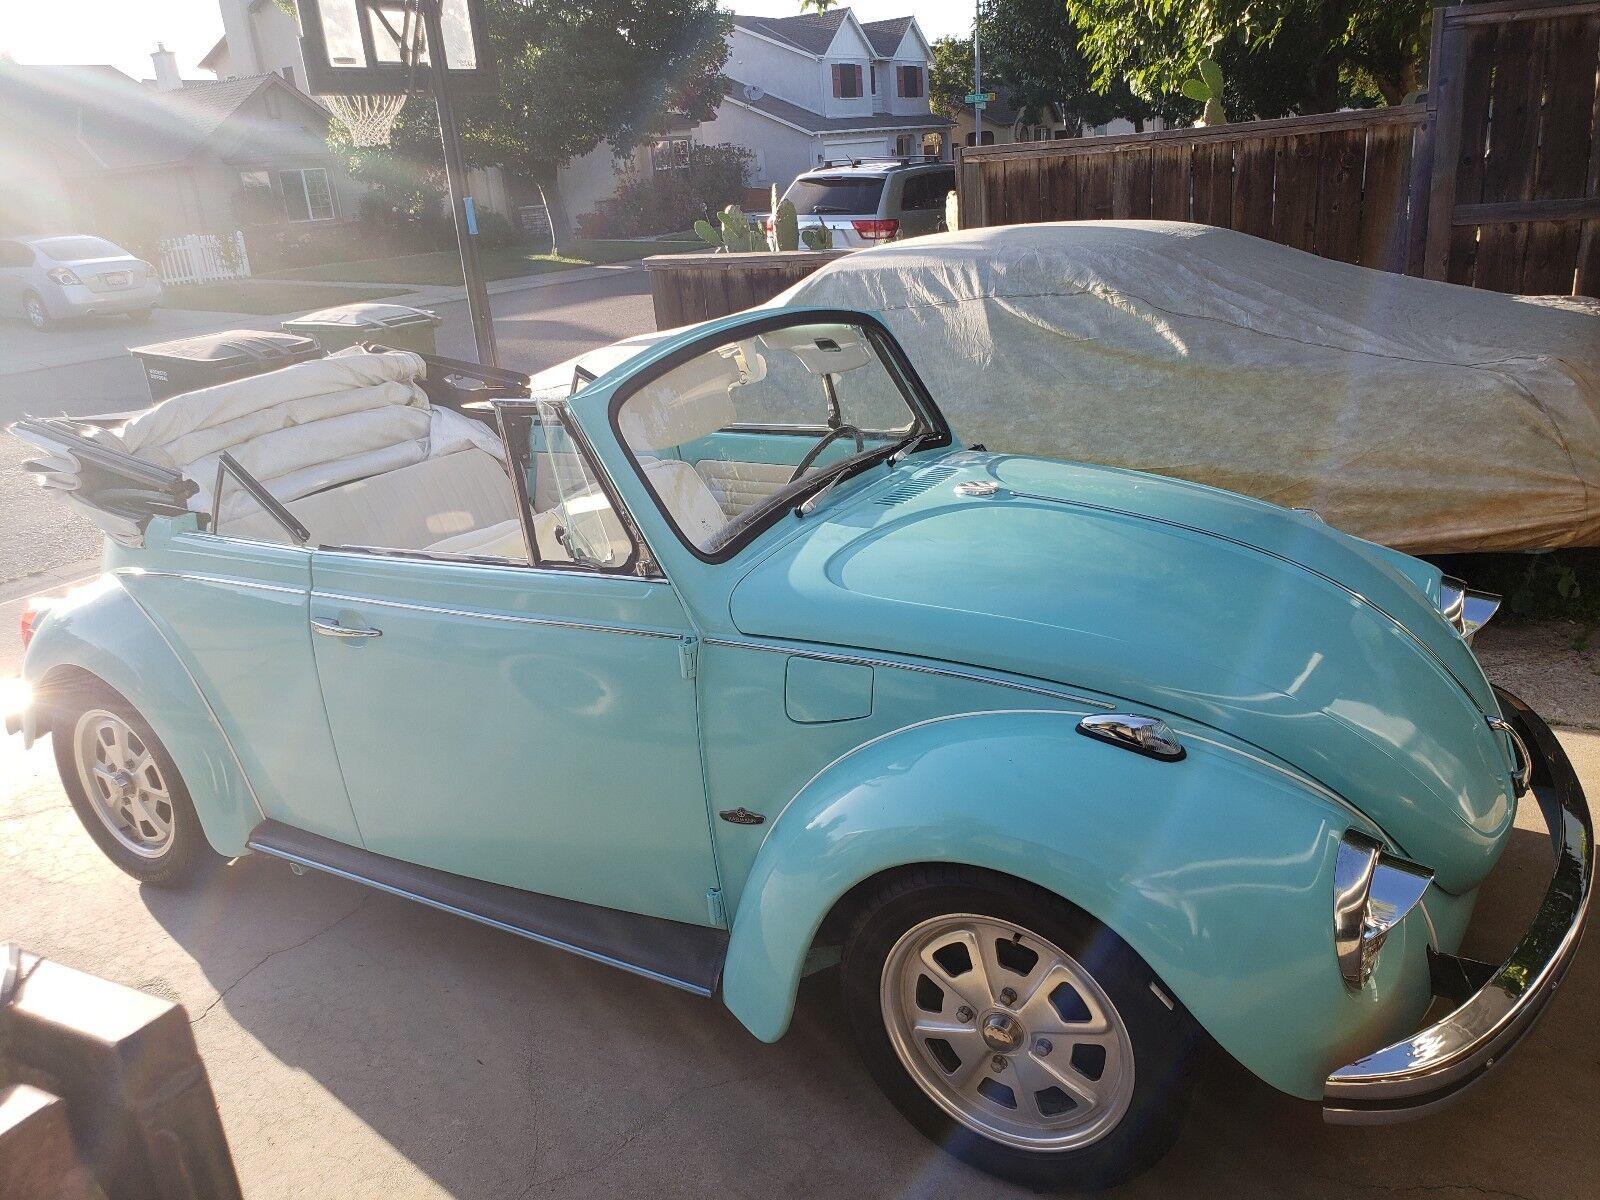 1972 Volkswagen Beetle - Classic  1972 Volkswagen Bug Classic Convertible High Performance 2163 CC Motor